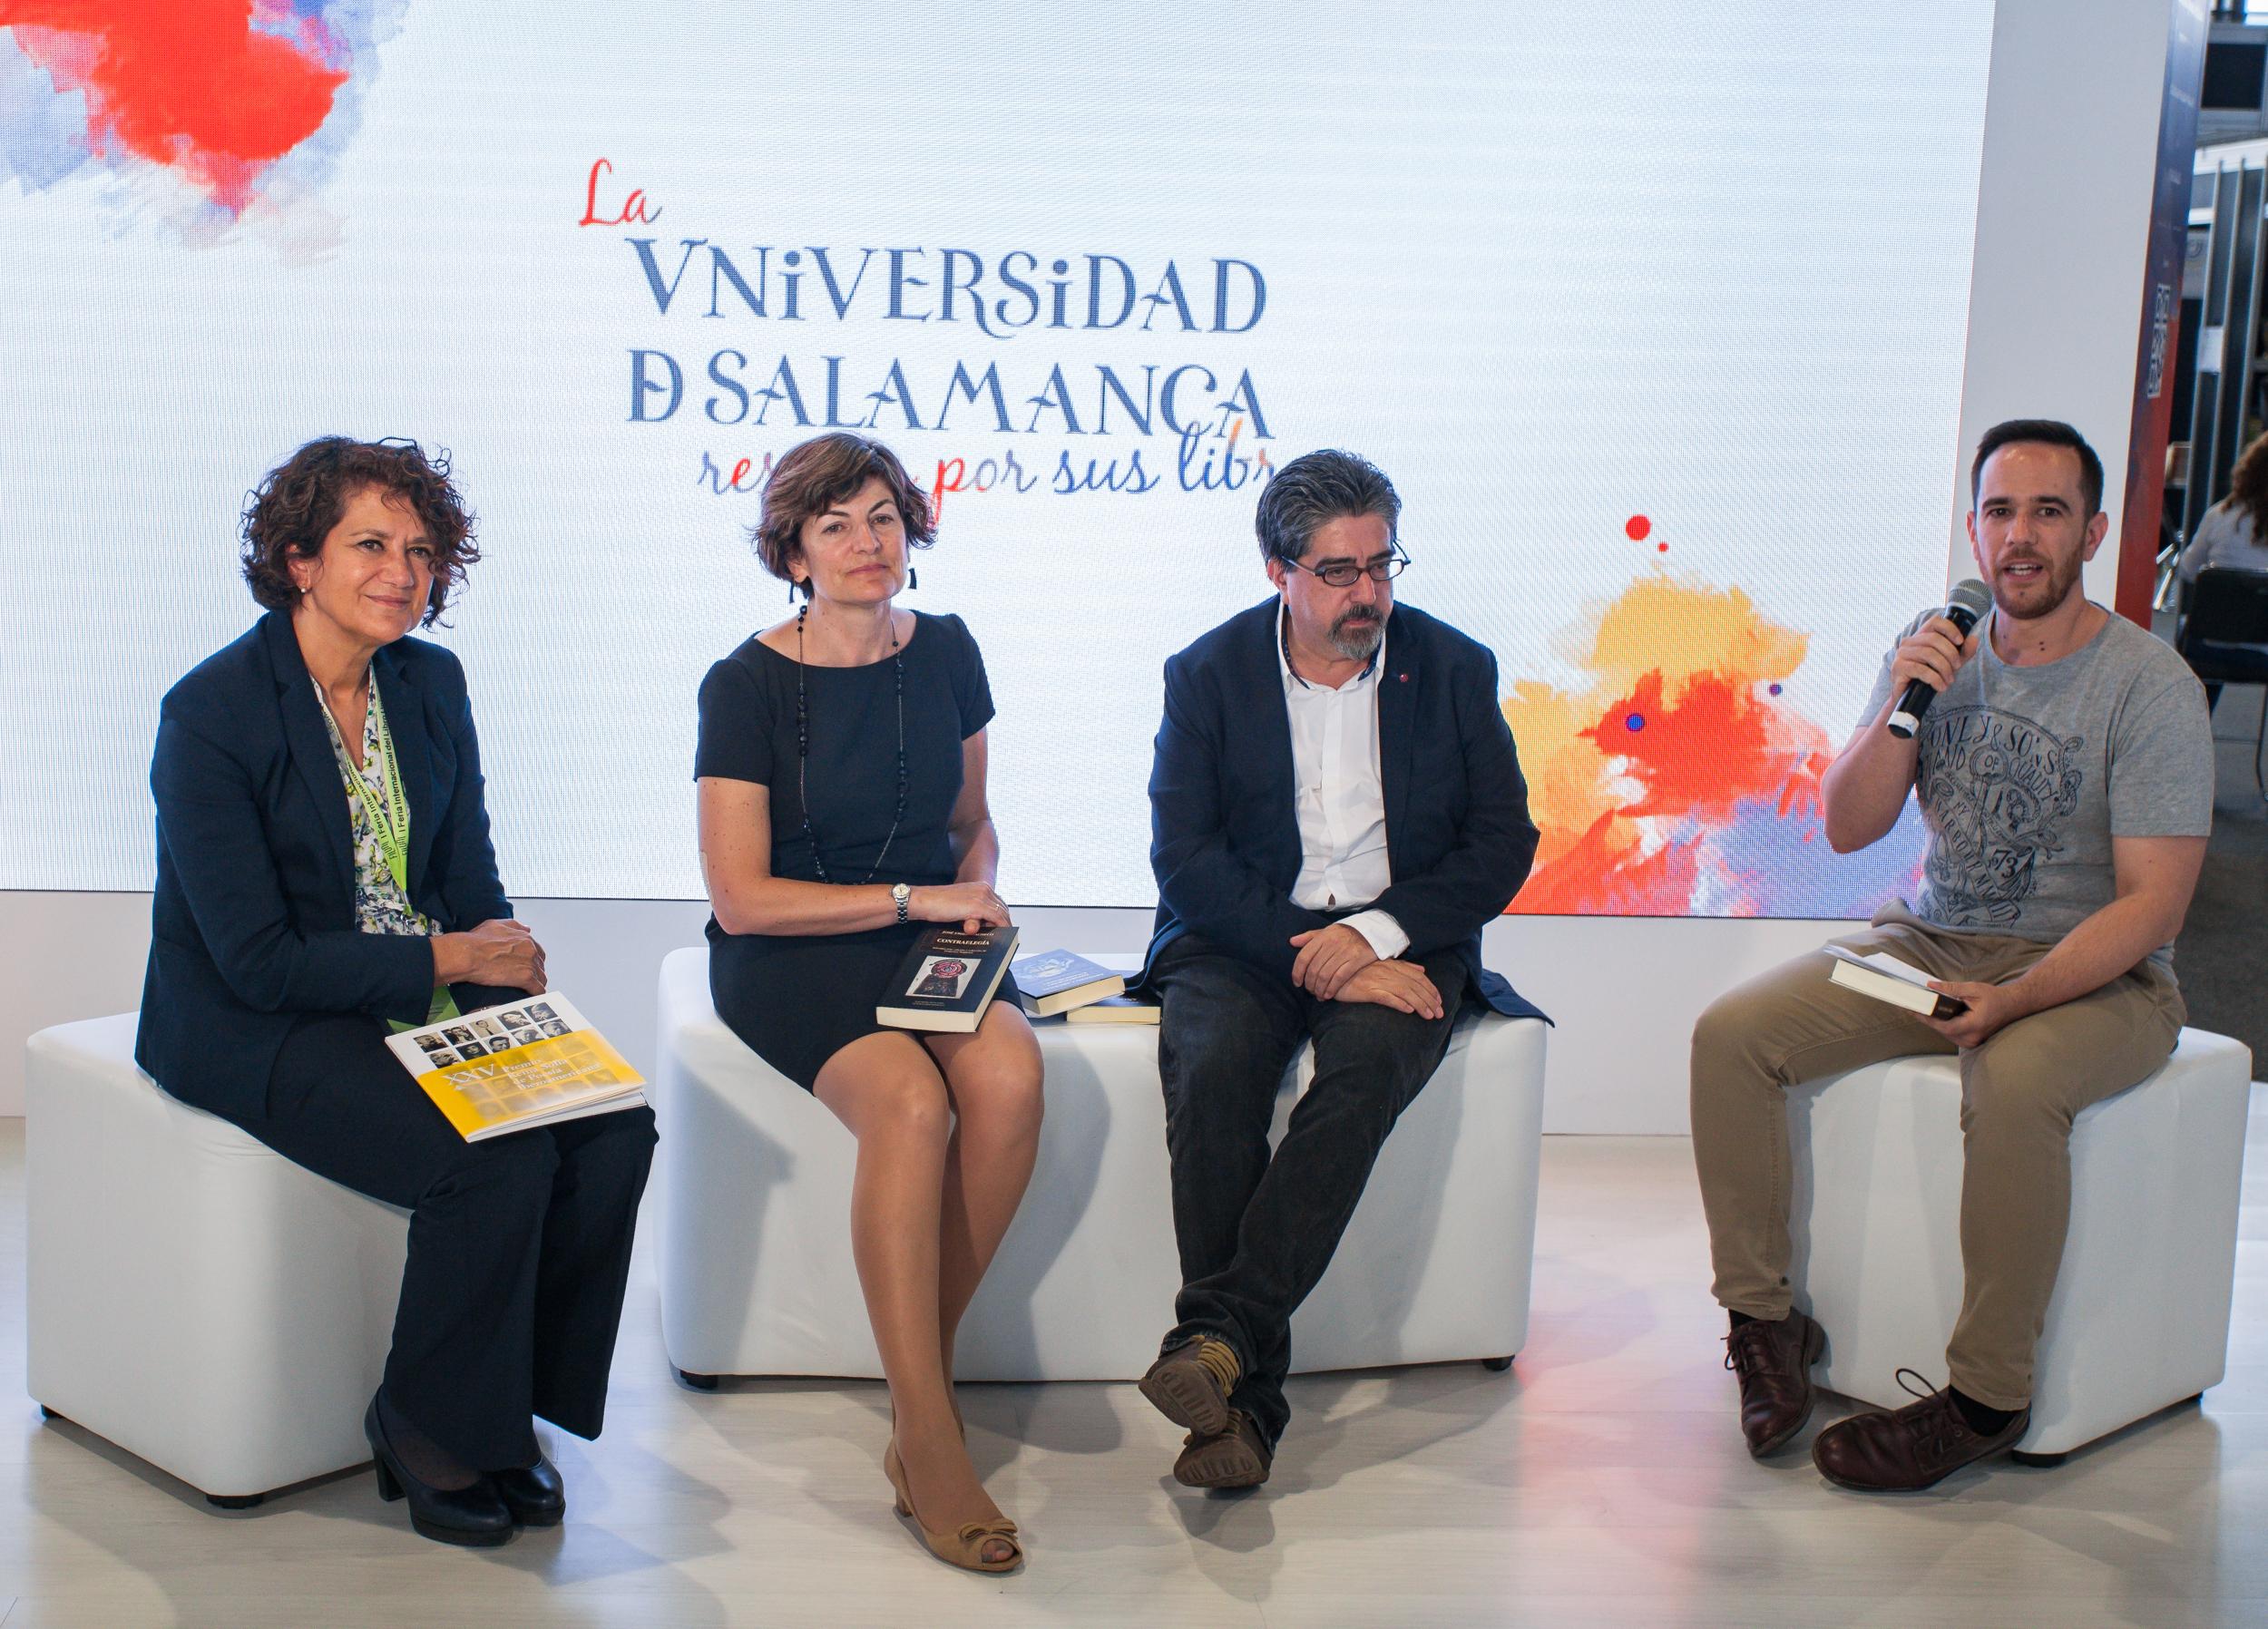 María Ángeles Serrano, María Ángeles Pérez López y Antonio Portela, en el stand de la USAL en FILUNI.